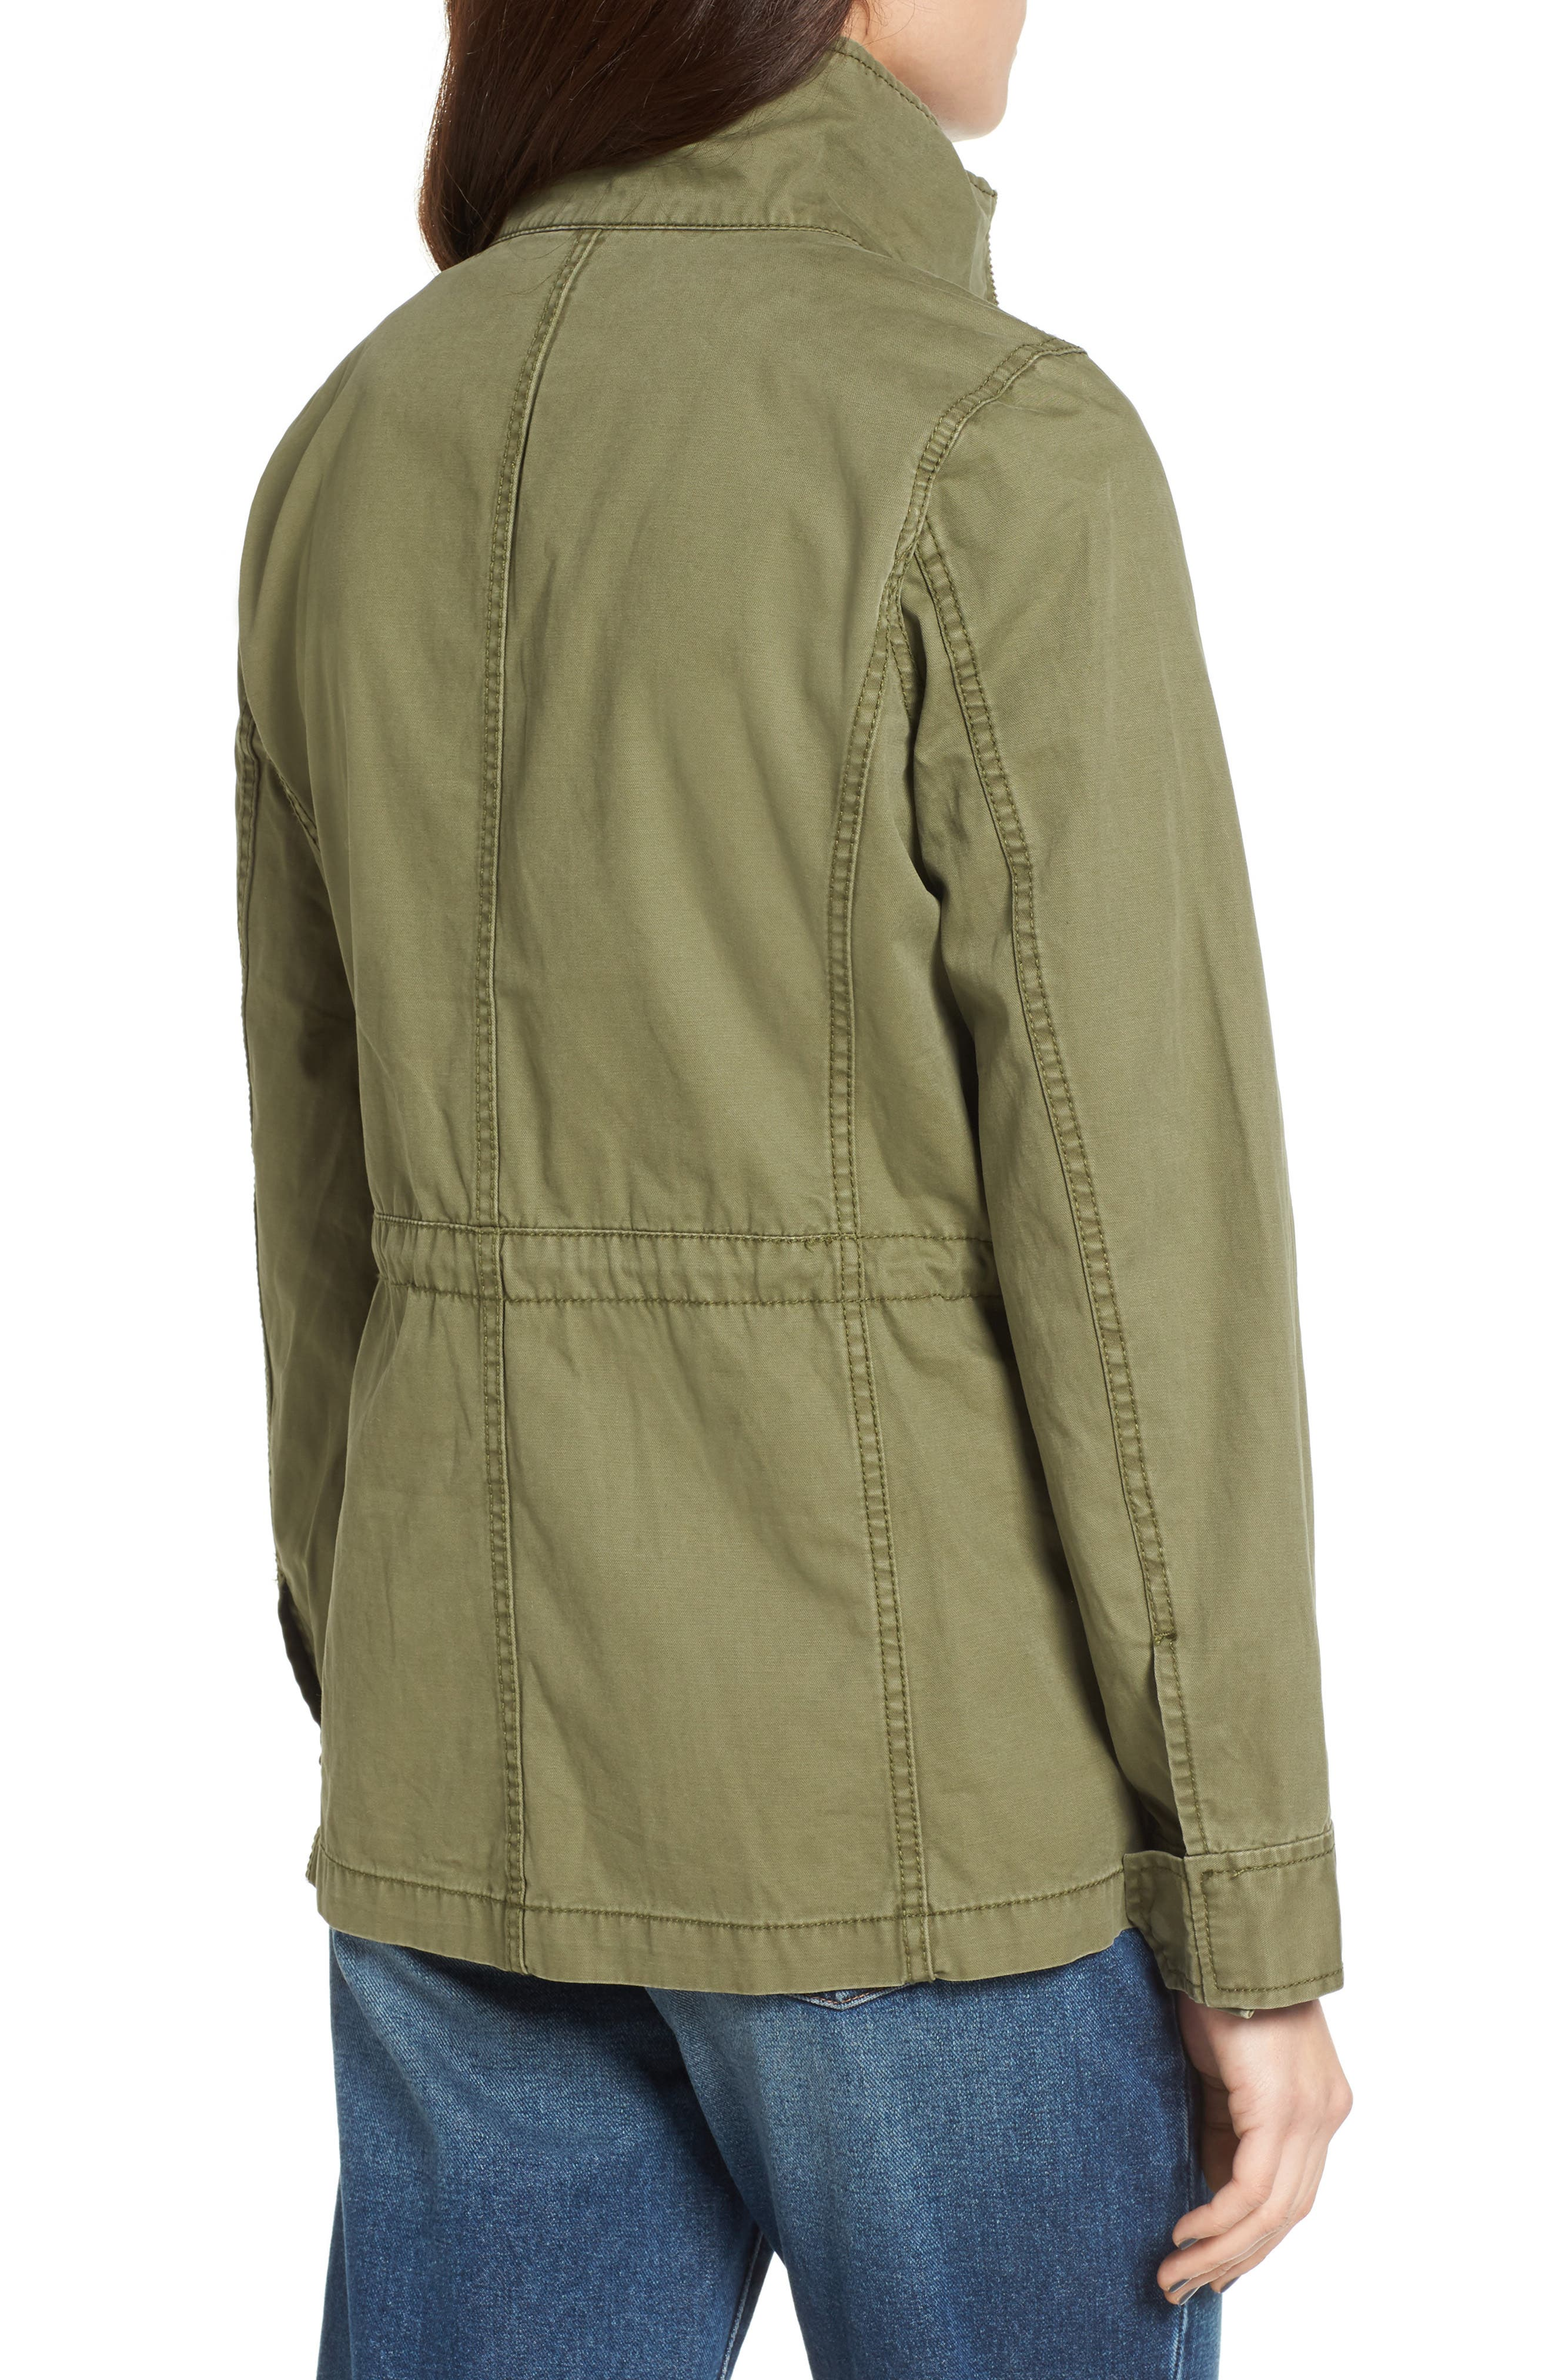 MADEWELL, Fleet Jacket, Alternate thumbnail 2, color, MILITARY SURPLUS